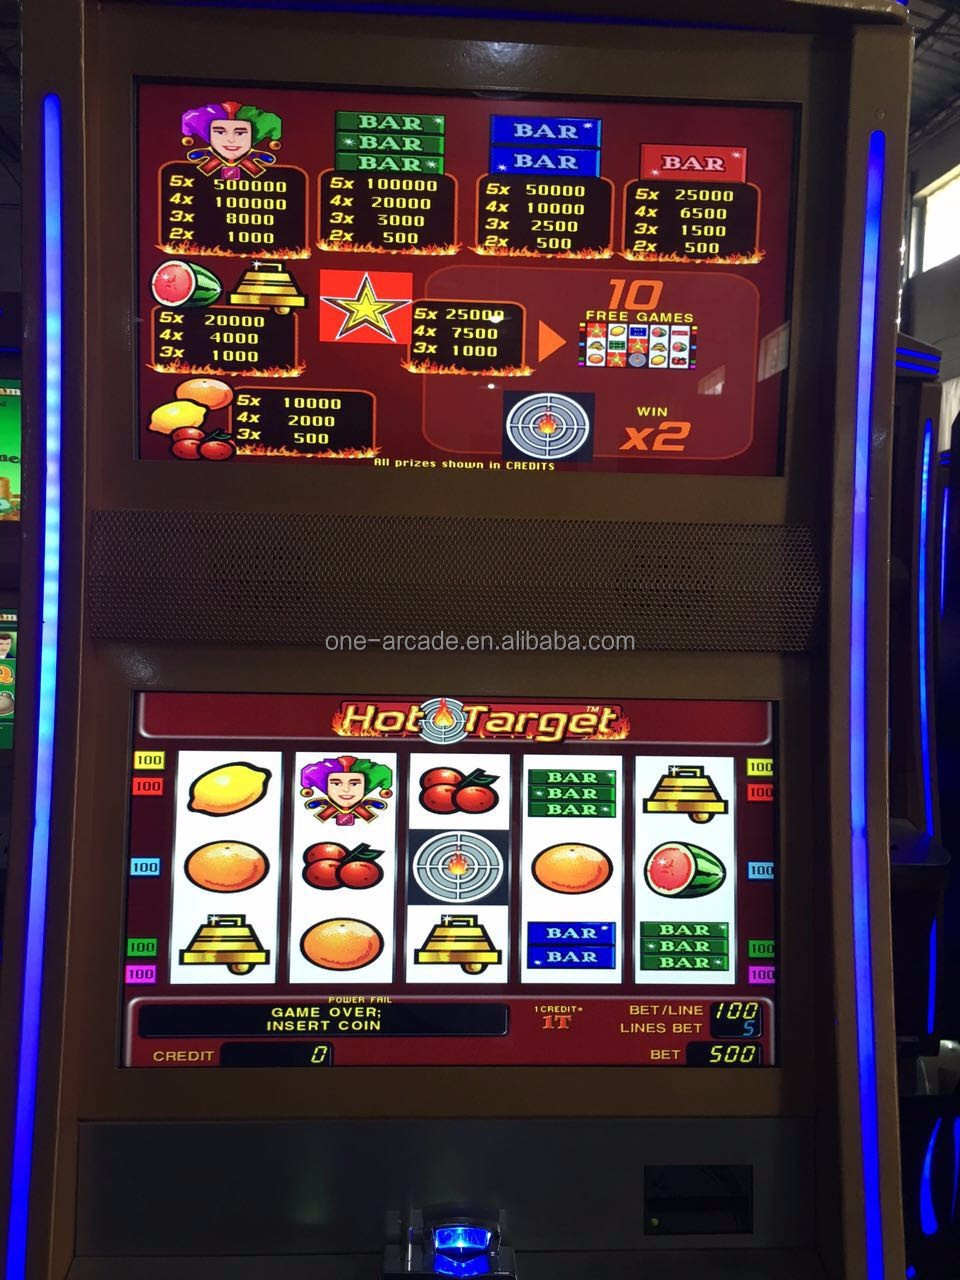 Игровые автоматы купить цена казино работа игровые автоматы 1500р.москва вакансии